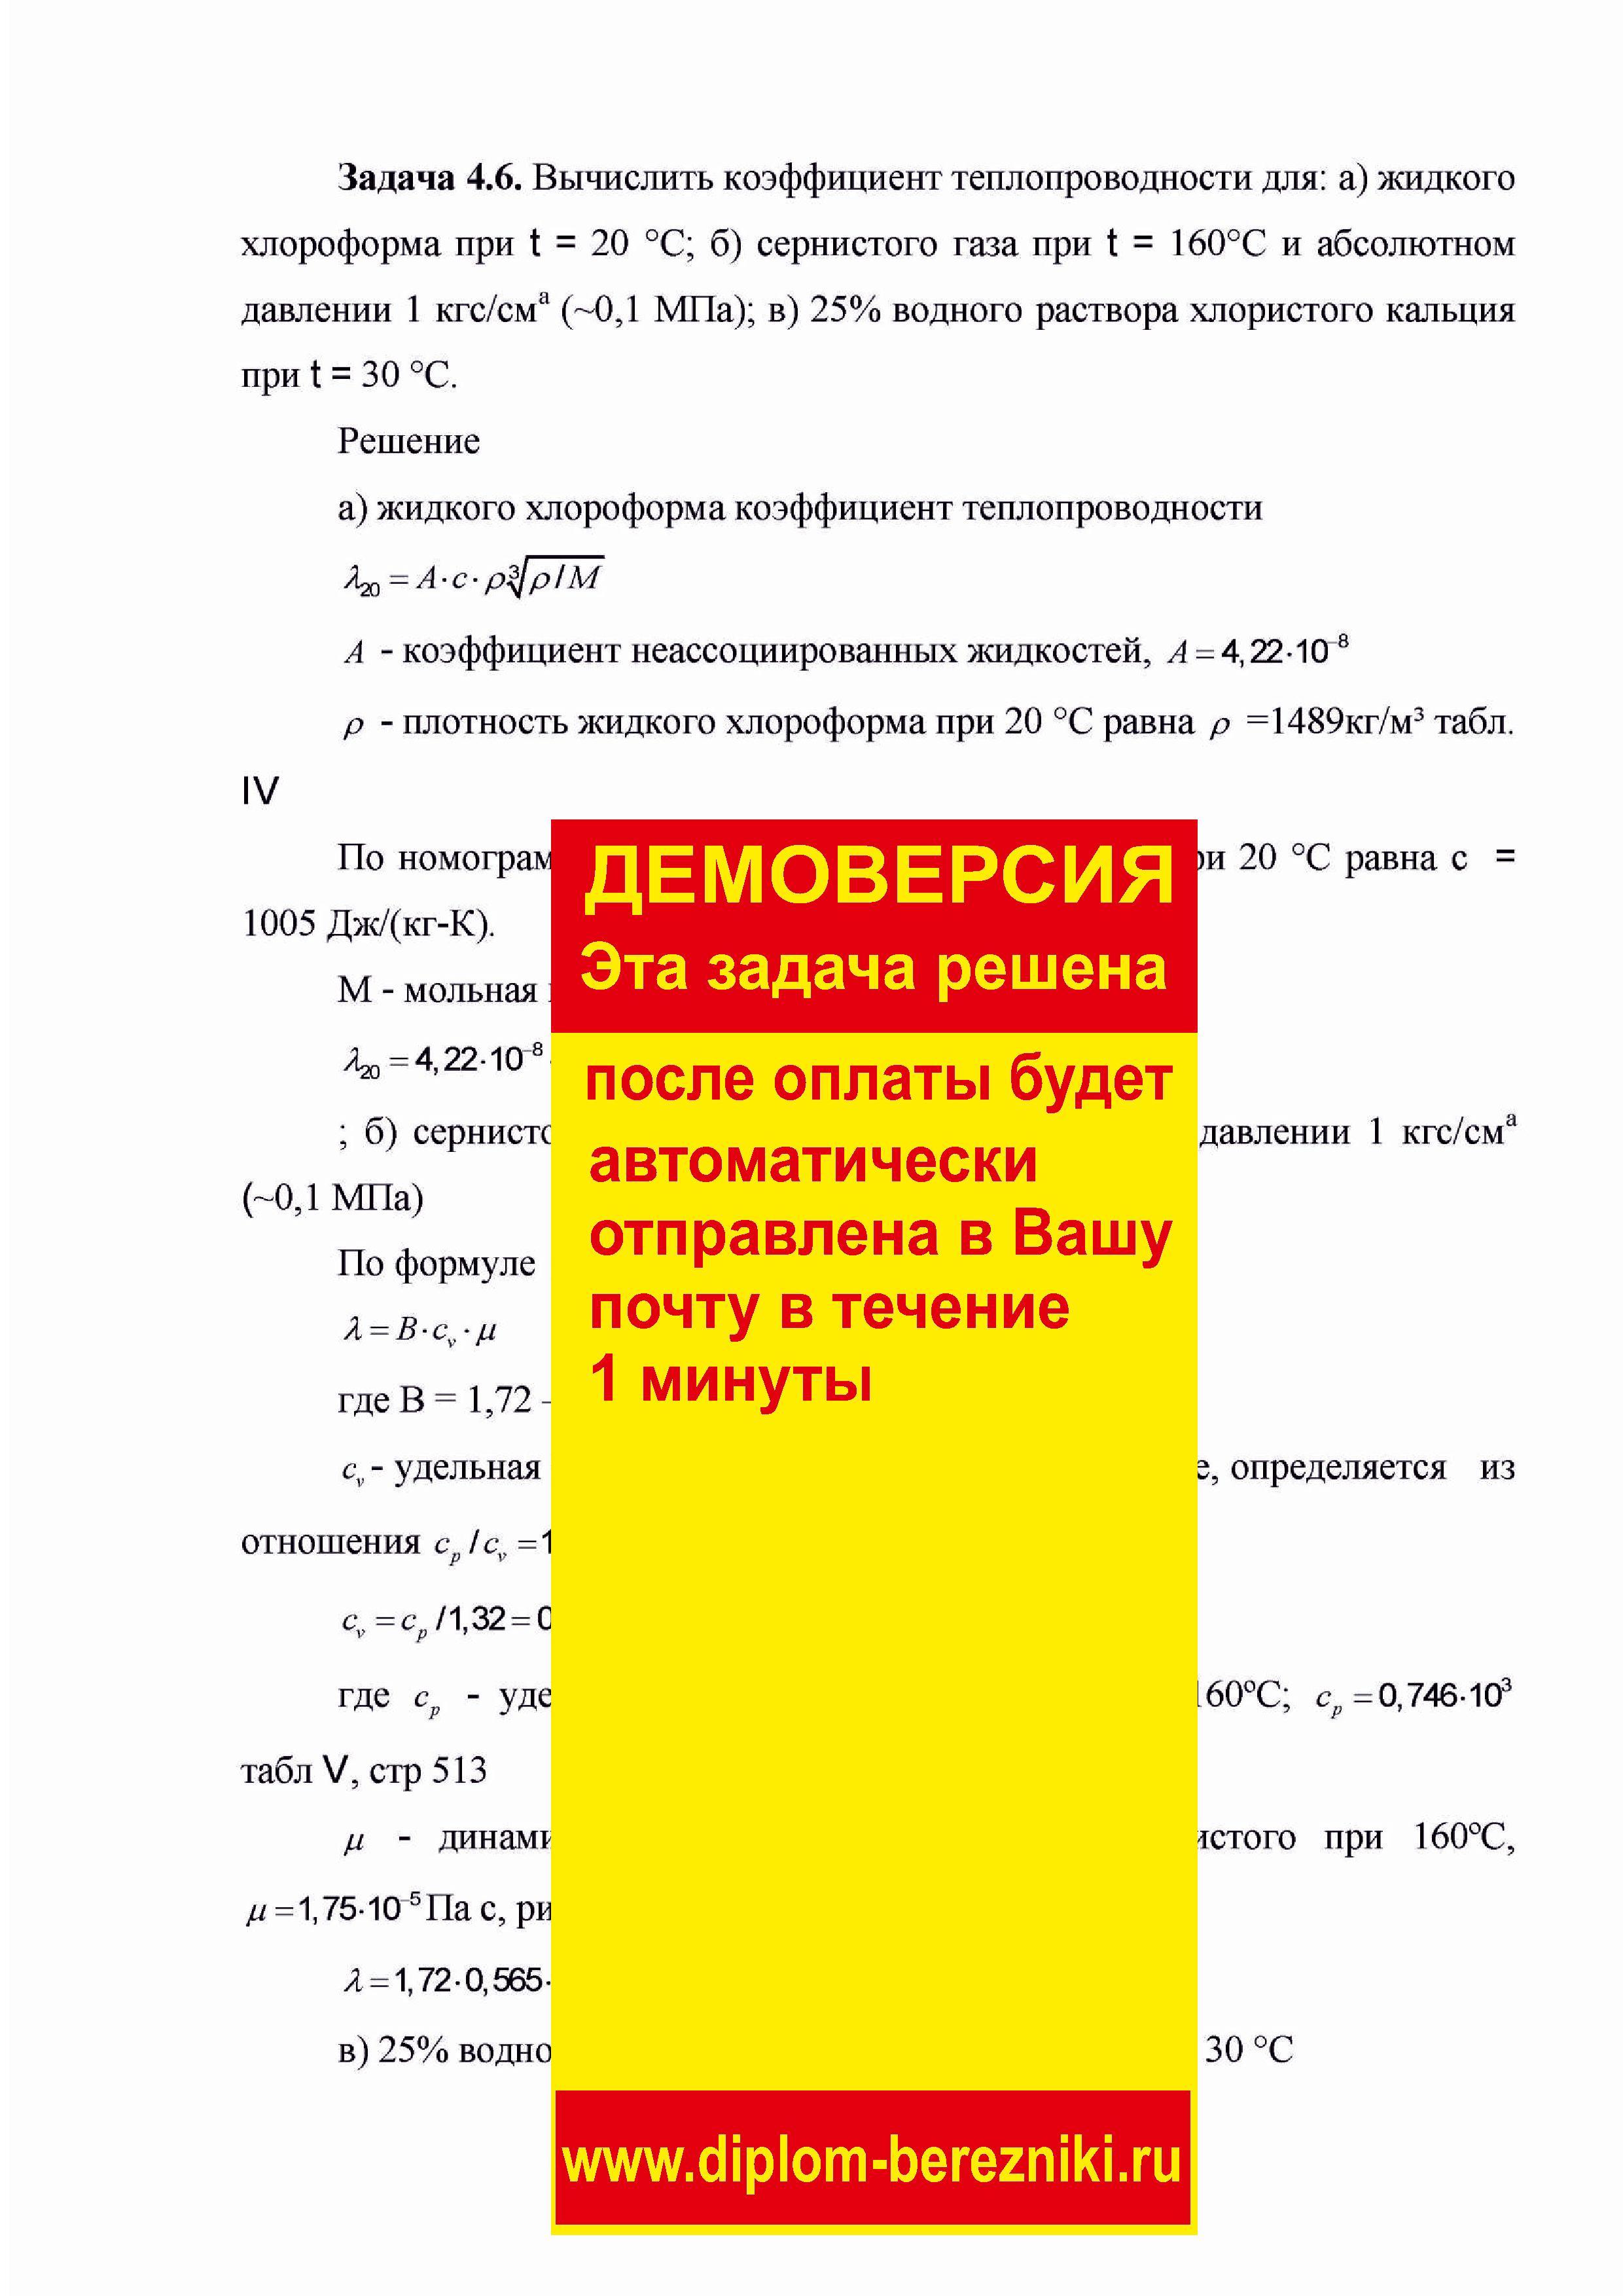 Решение задачи 4.6 по ПАХТ из задачника Павлова Романкова Носкова